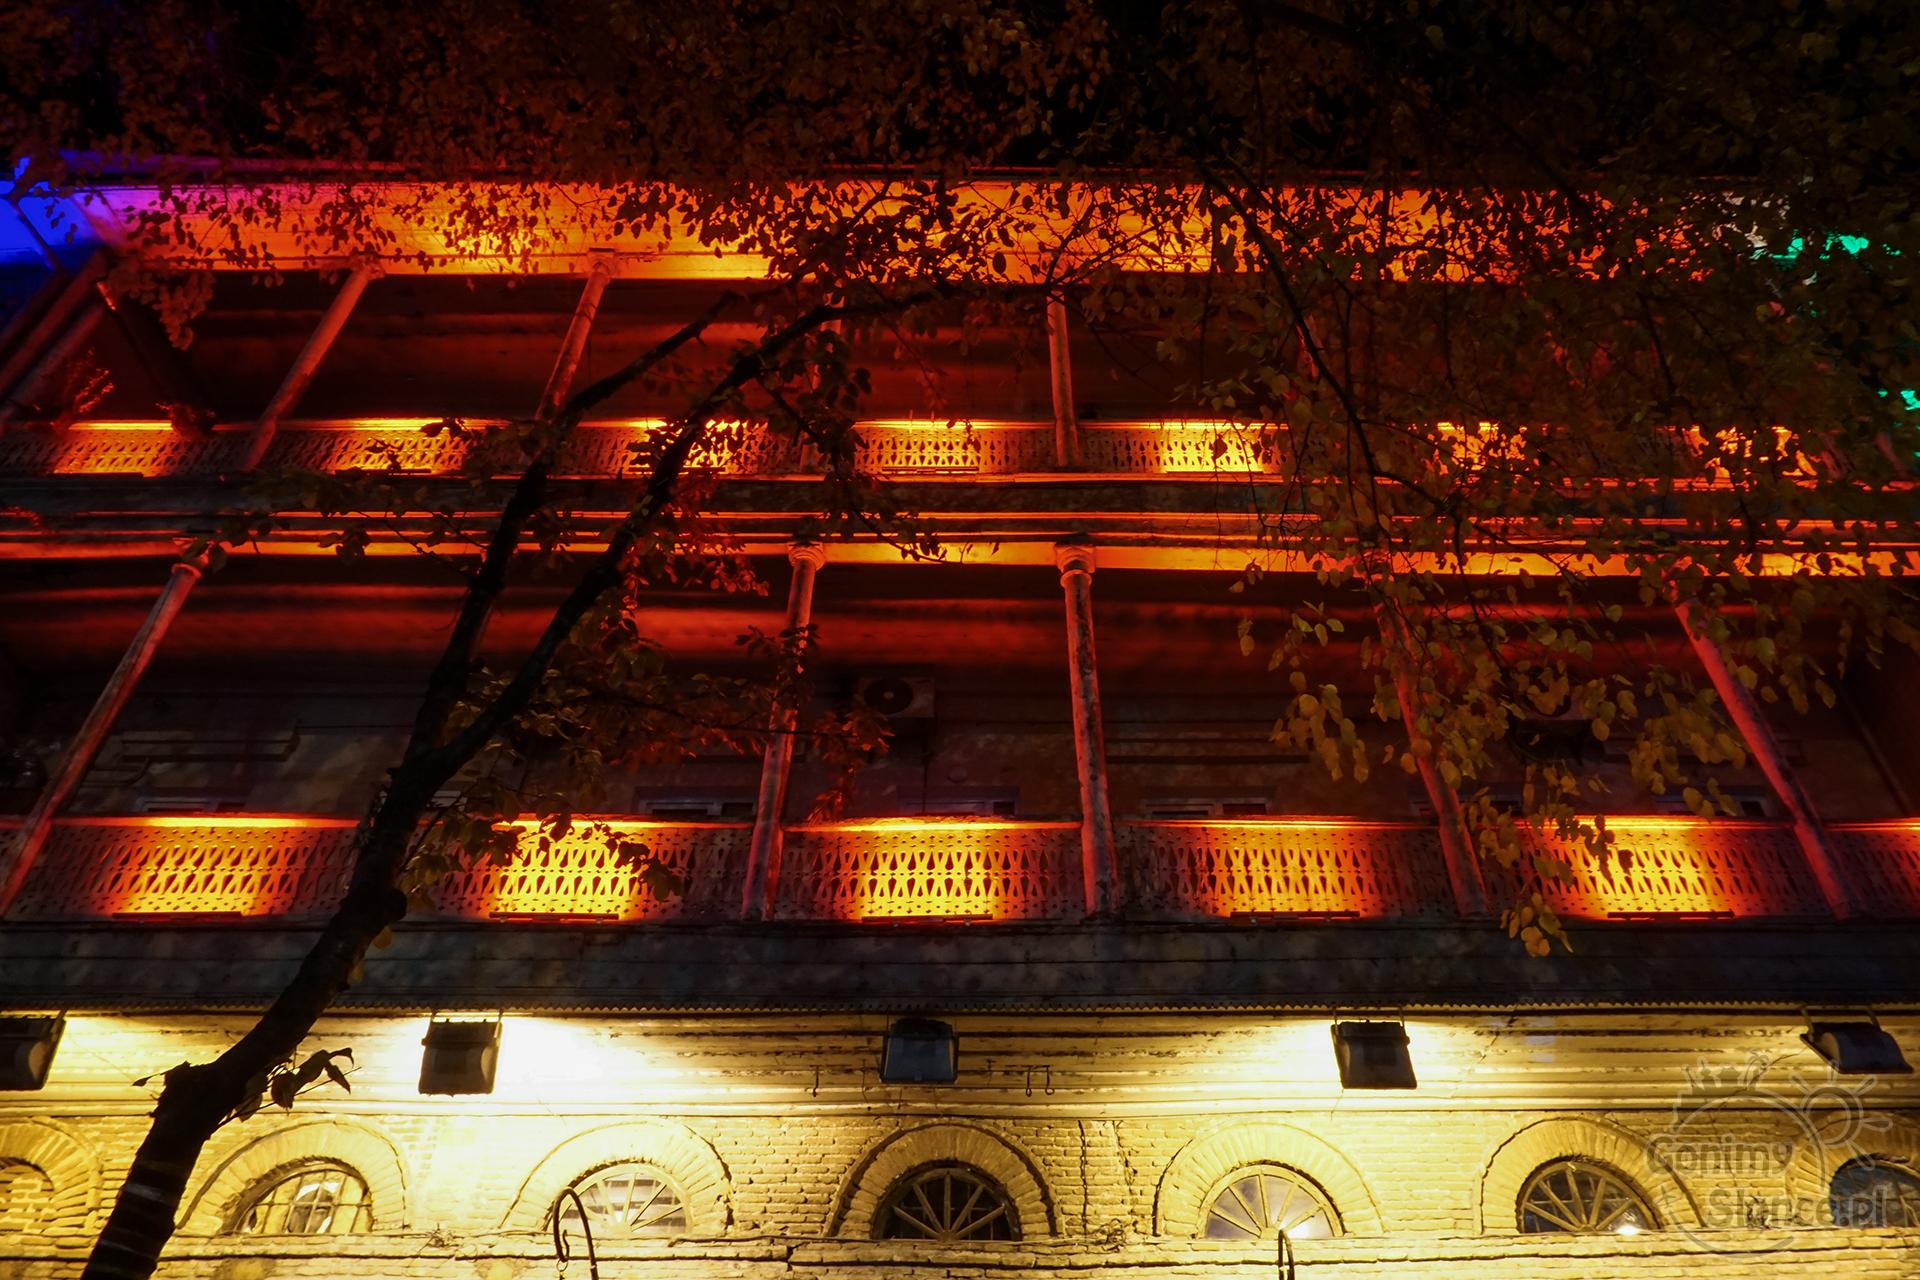 Nocne Tbilisi - tradycyjna architektura